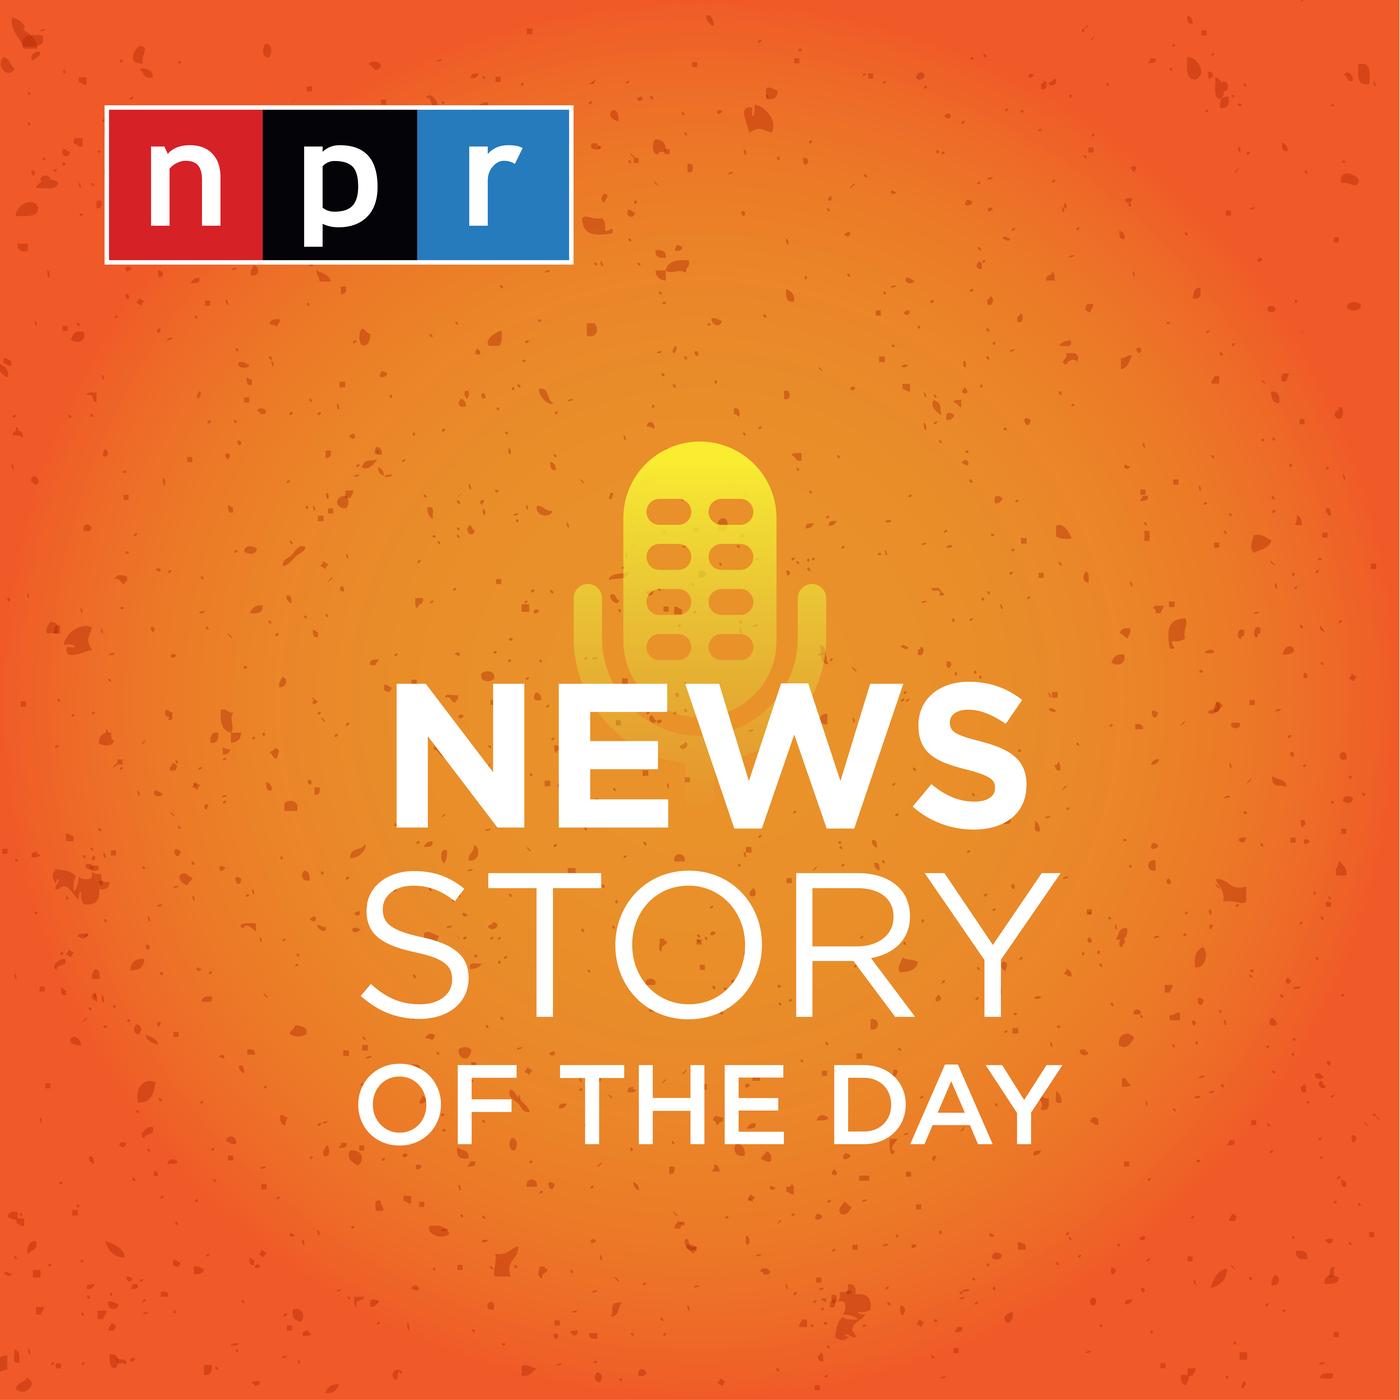 Story of the Day : NPR:NPR